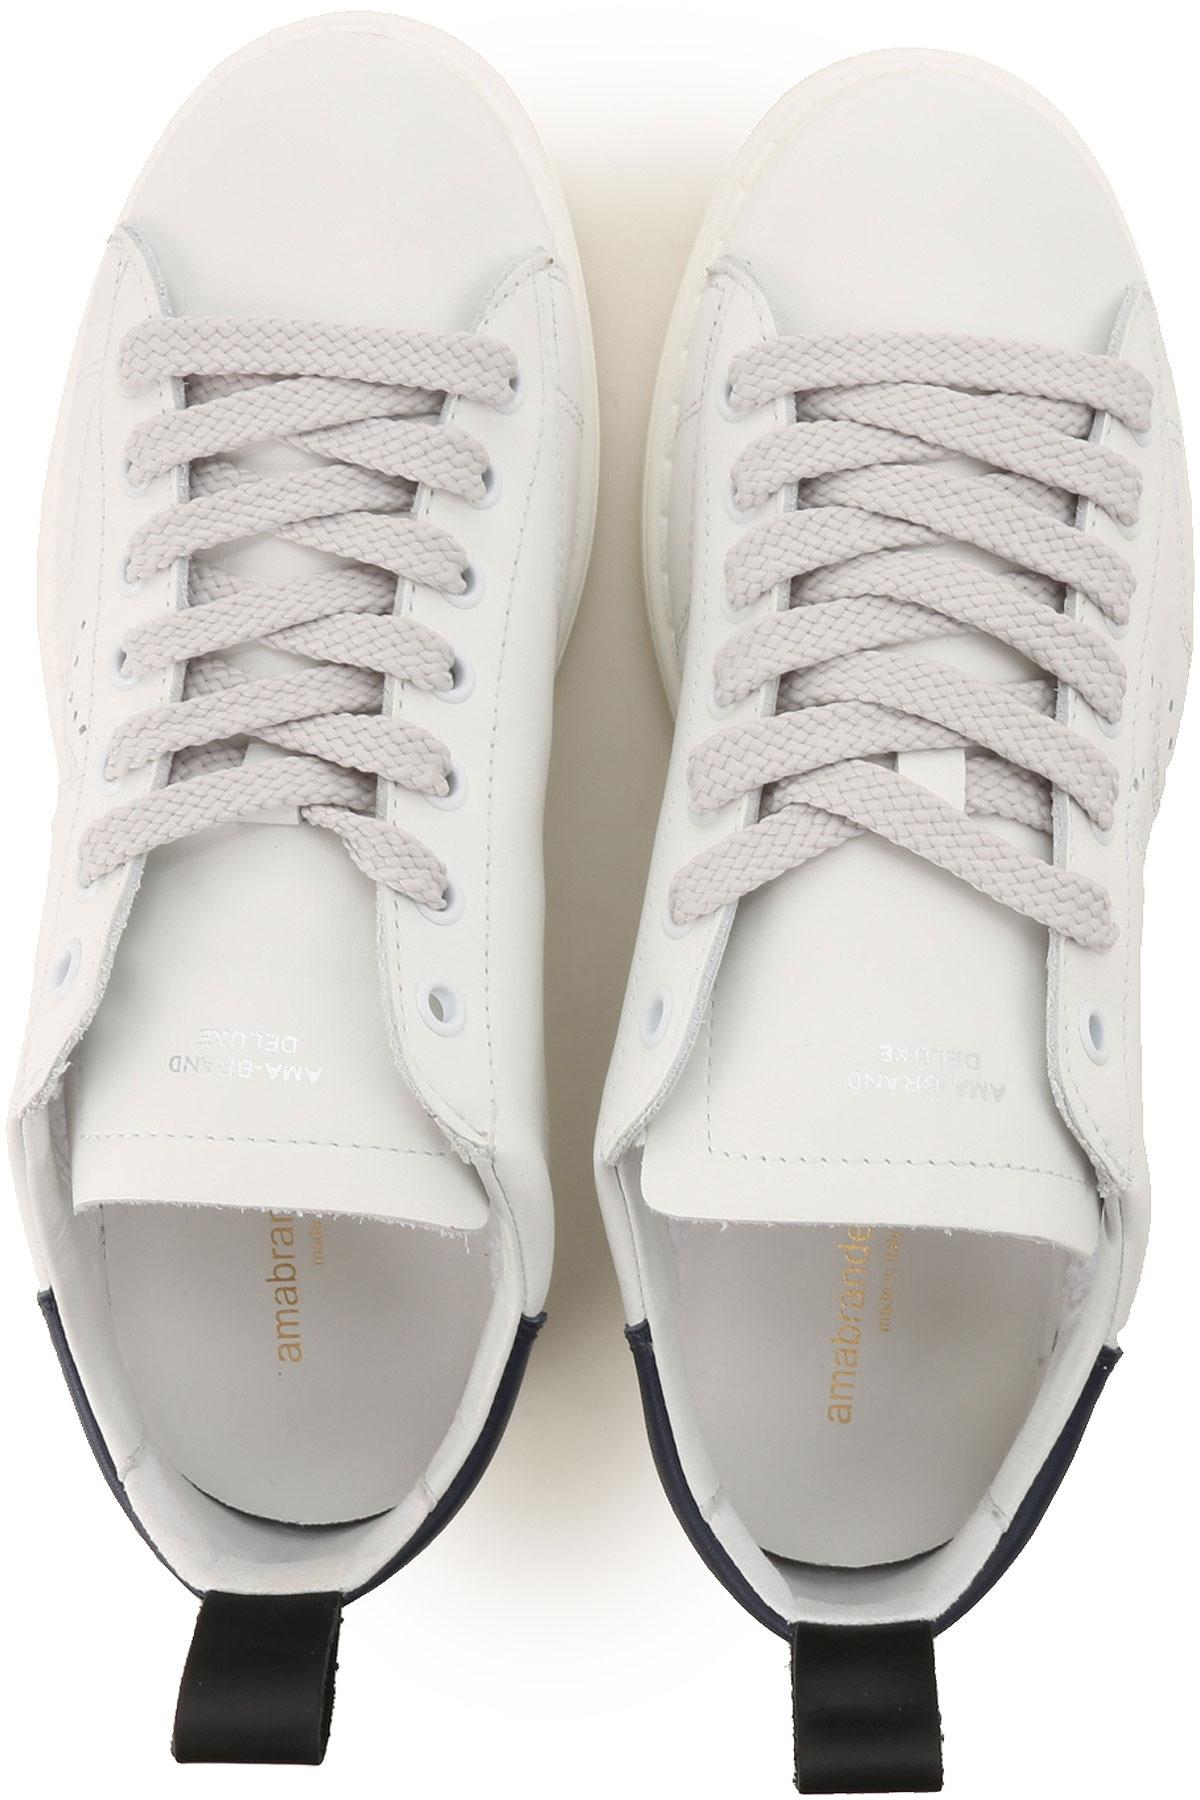 Mujer Ama Primavera Para 2019 verano Blanco Brand Azul Zapatos AwwqftPg